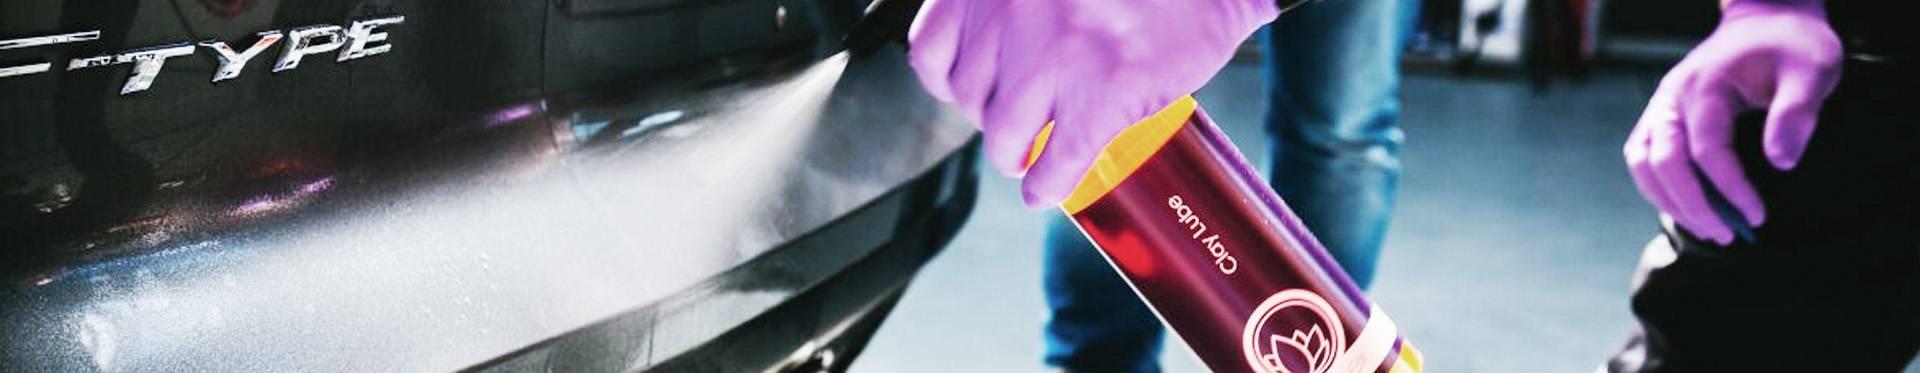 Reinigungsknete zur Lackpflege und tiefporigen Lackreinigung abrasiv und nicht abrasiv in als Rote Reinigungsknete und Blaute Autoreinigungsknete